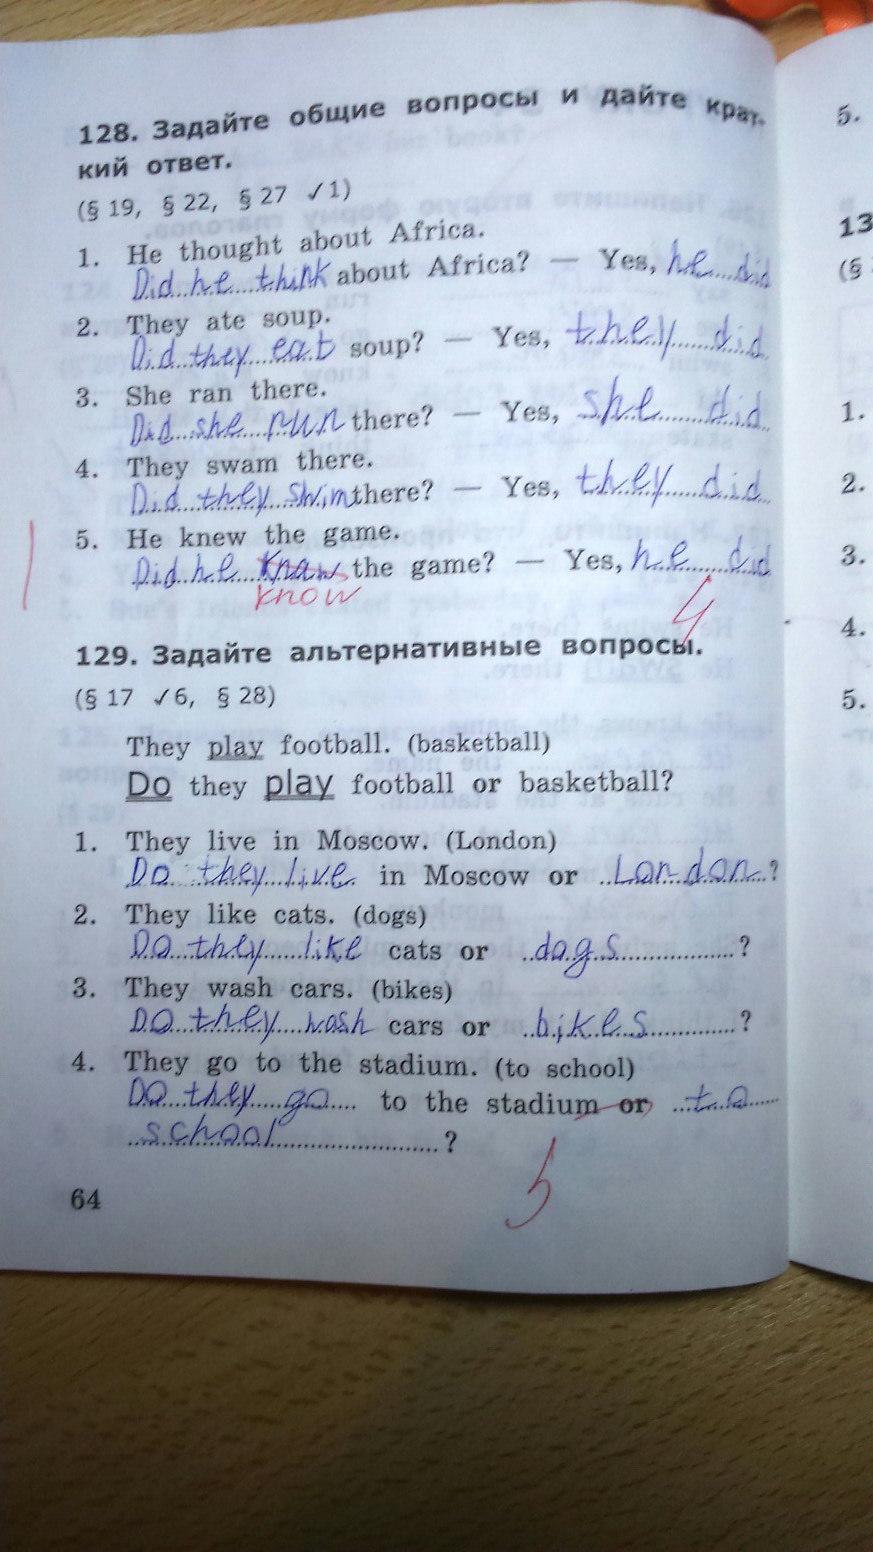 Готовые задания по английскому языку 4 класс барашкова